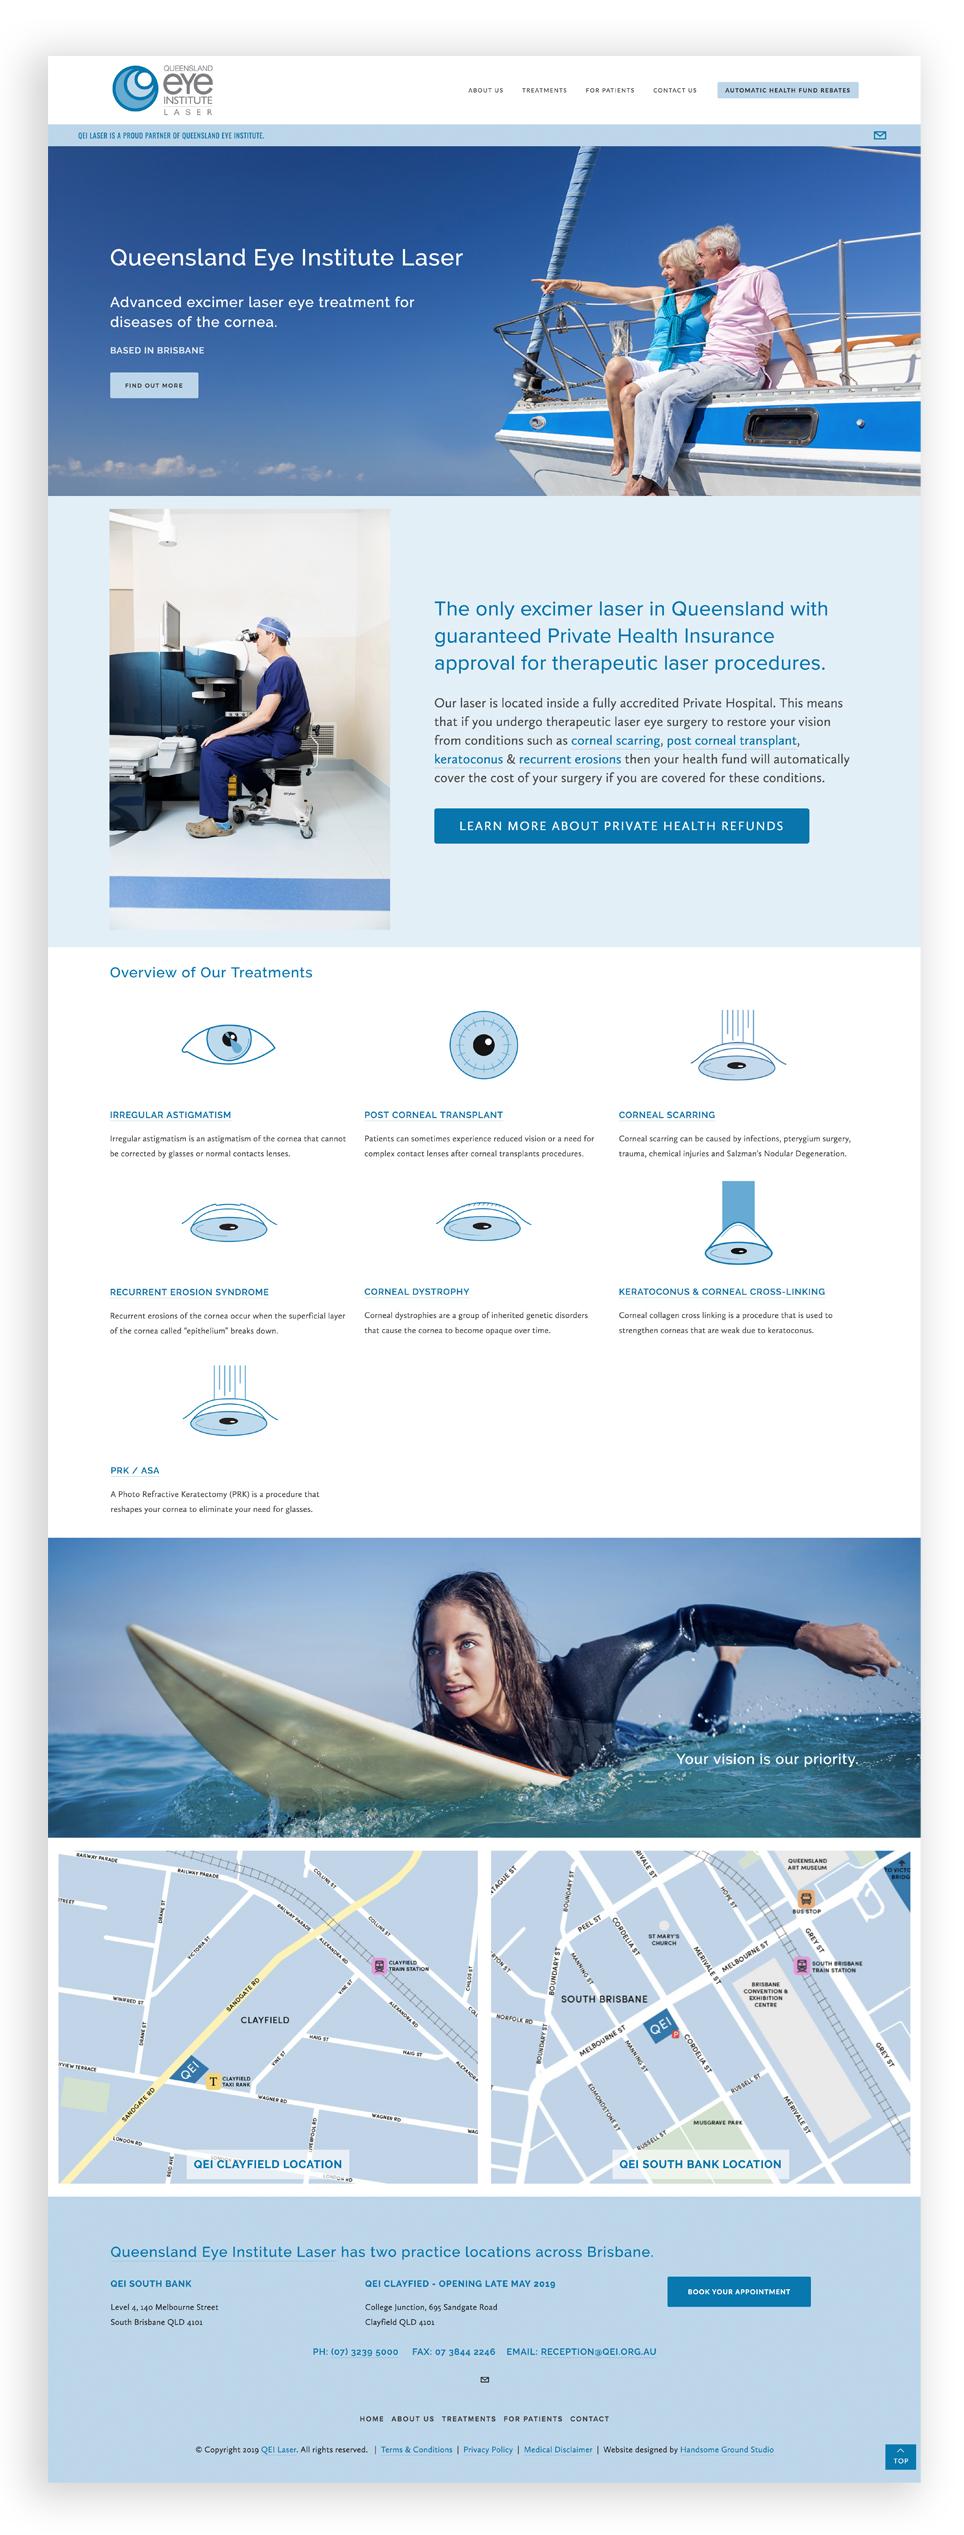 Website Design & Branding for Queensland Eye Institute Laser Ophthalmology Practice based in Brisbane.